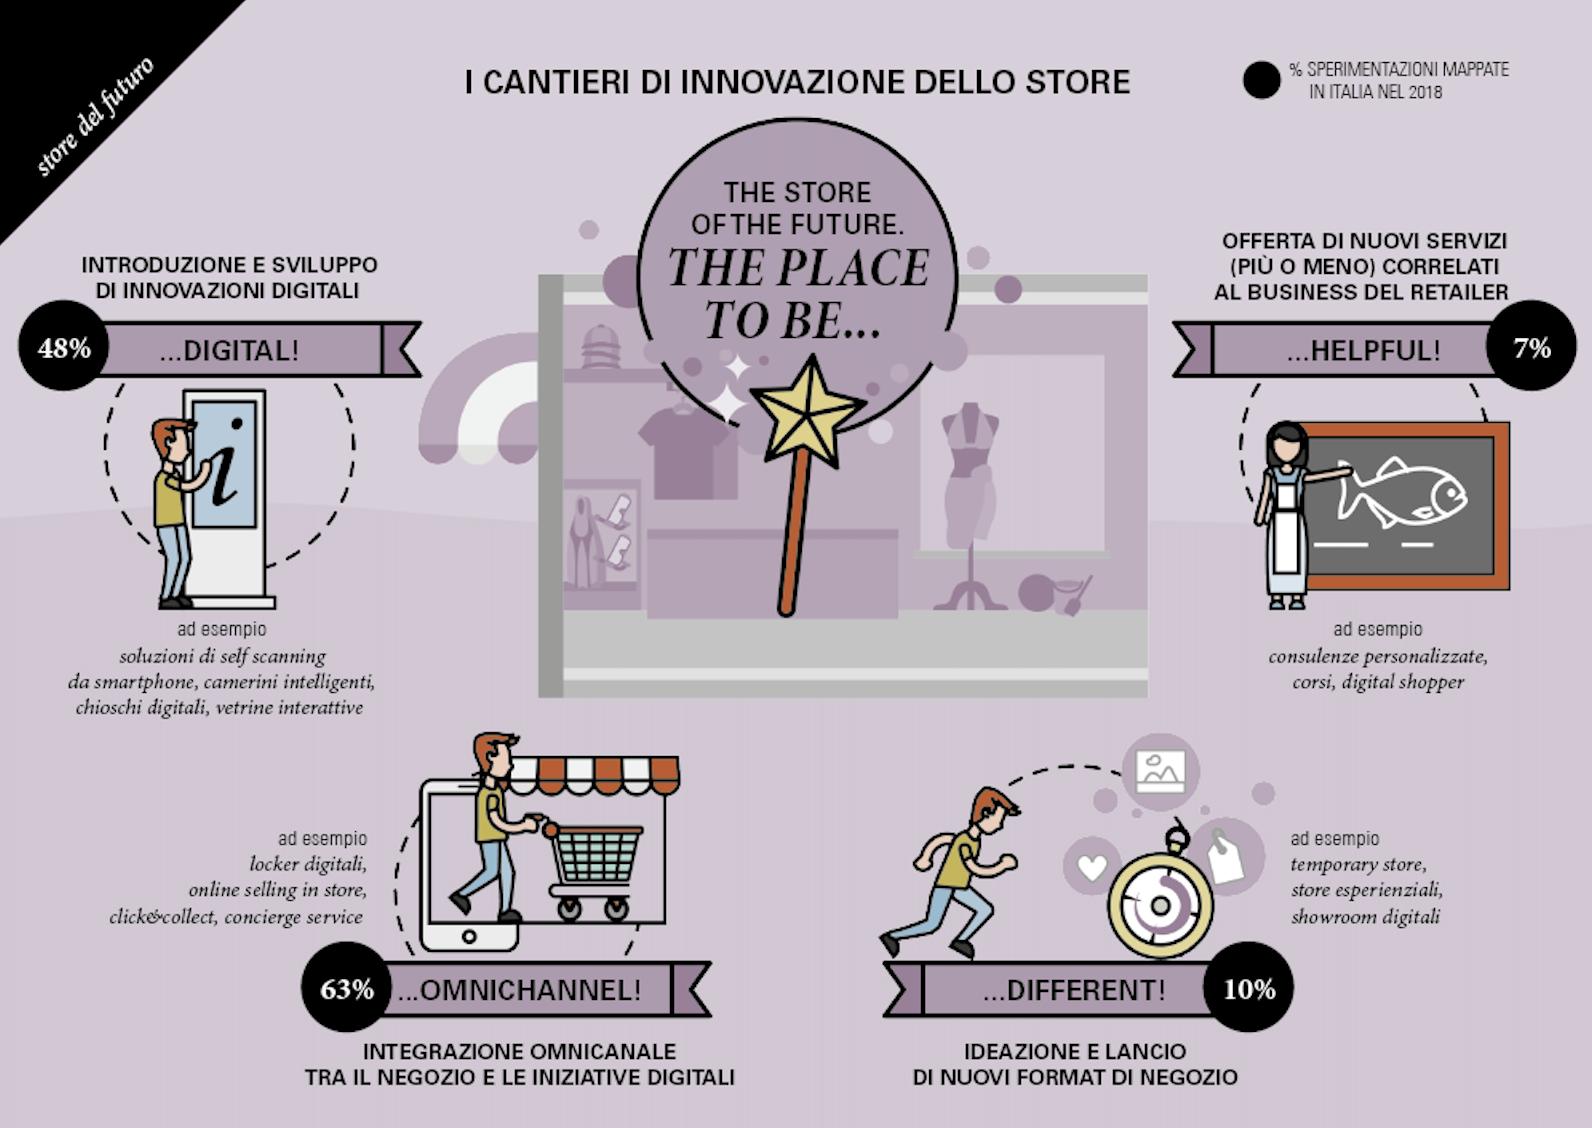 Il negozio del futuro: dati, trend e visioni